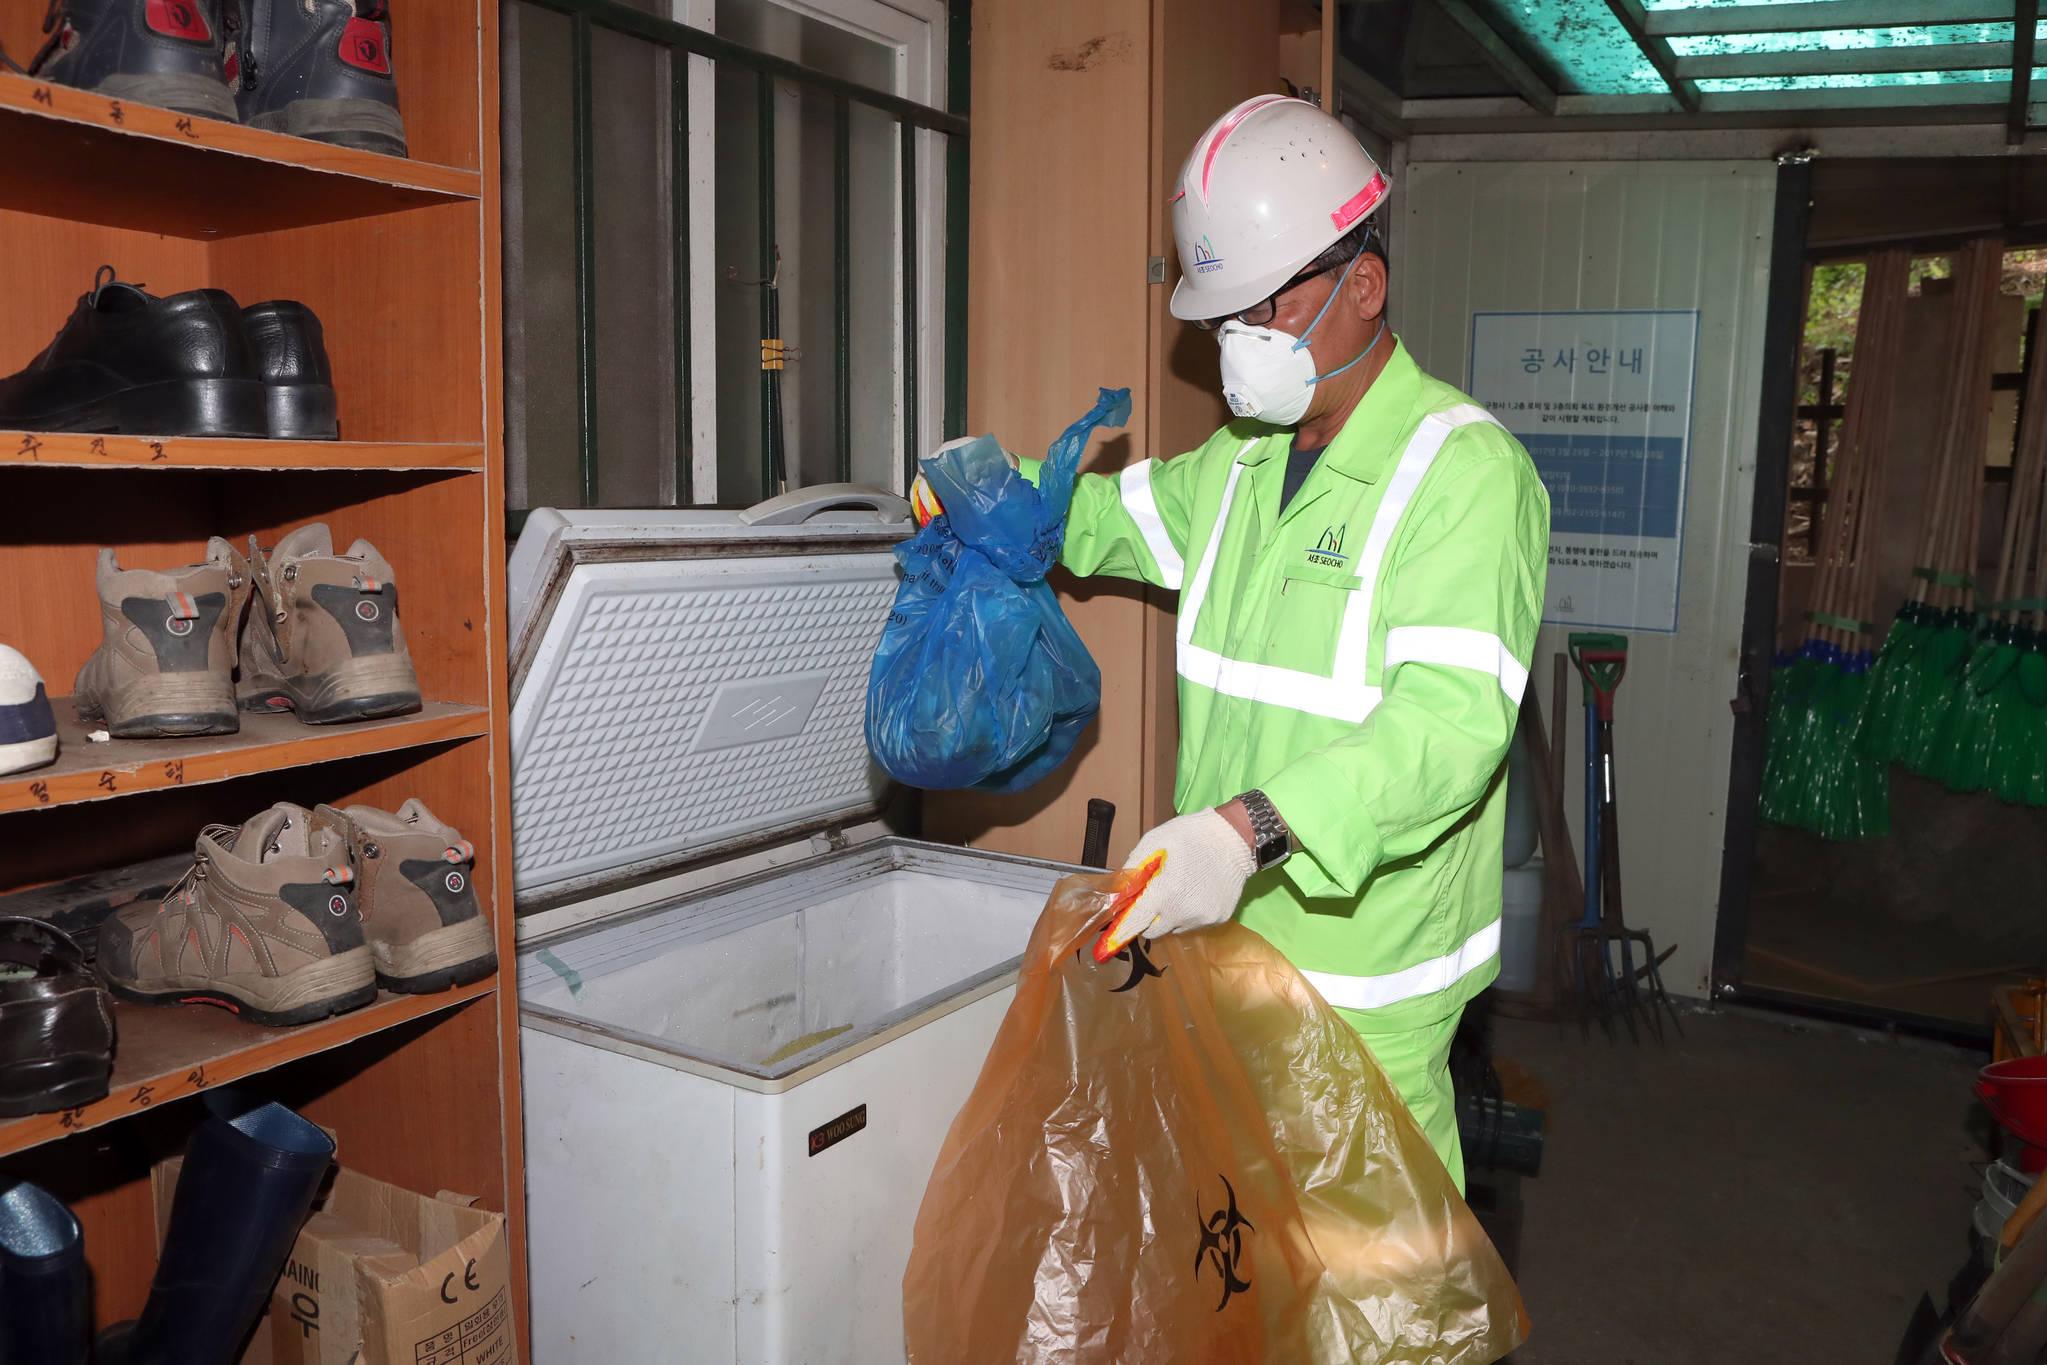 서울 서초구의 환경미화원이 23일 서초구 환경미화원 휴게소의 냉장고에서 동물들의 사체를 꺼내고 있다. 최정동 기자